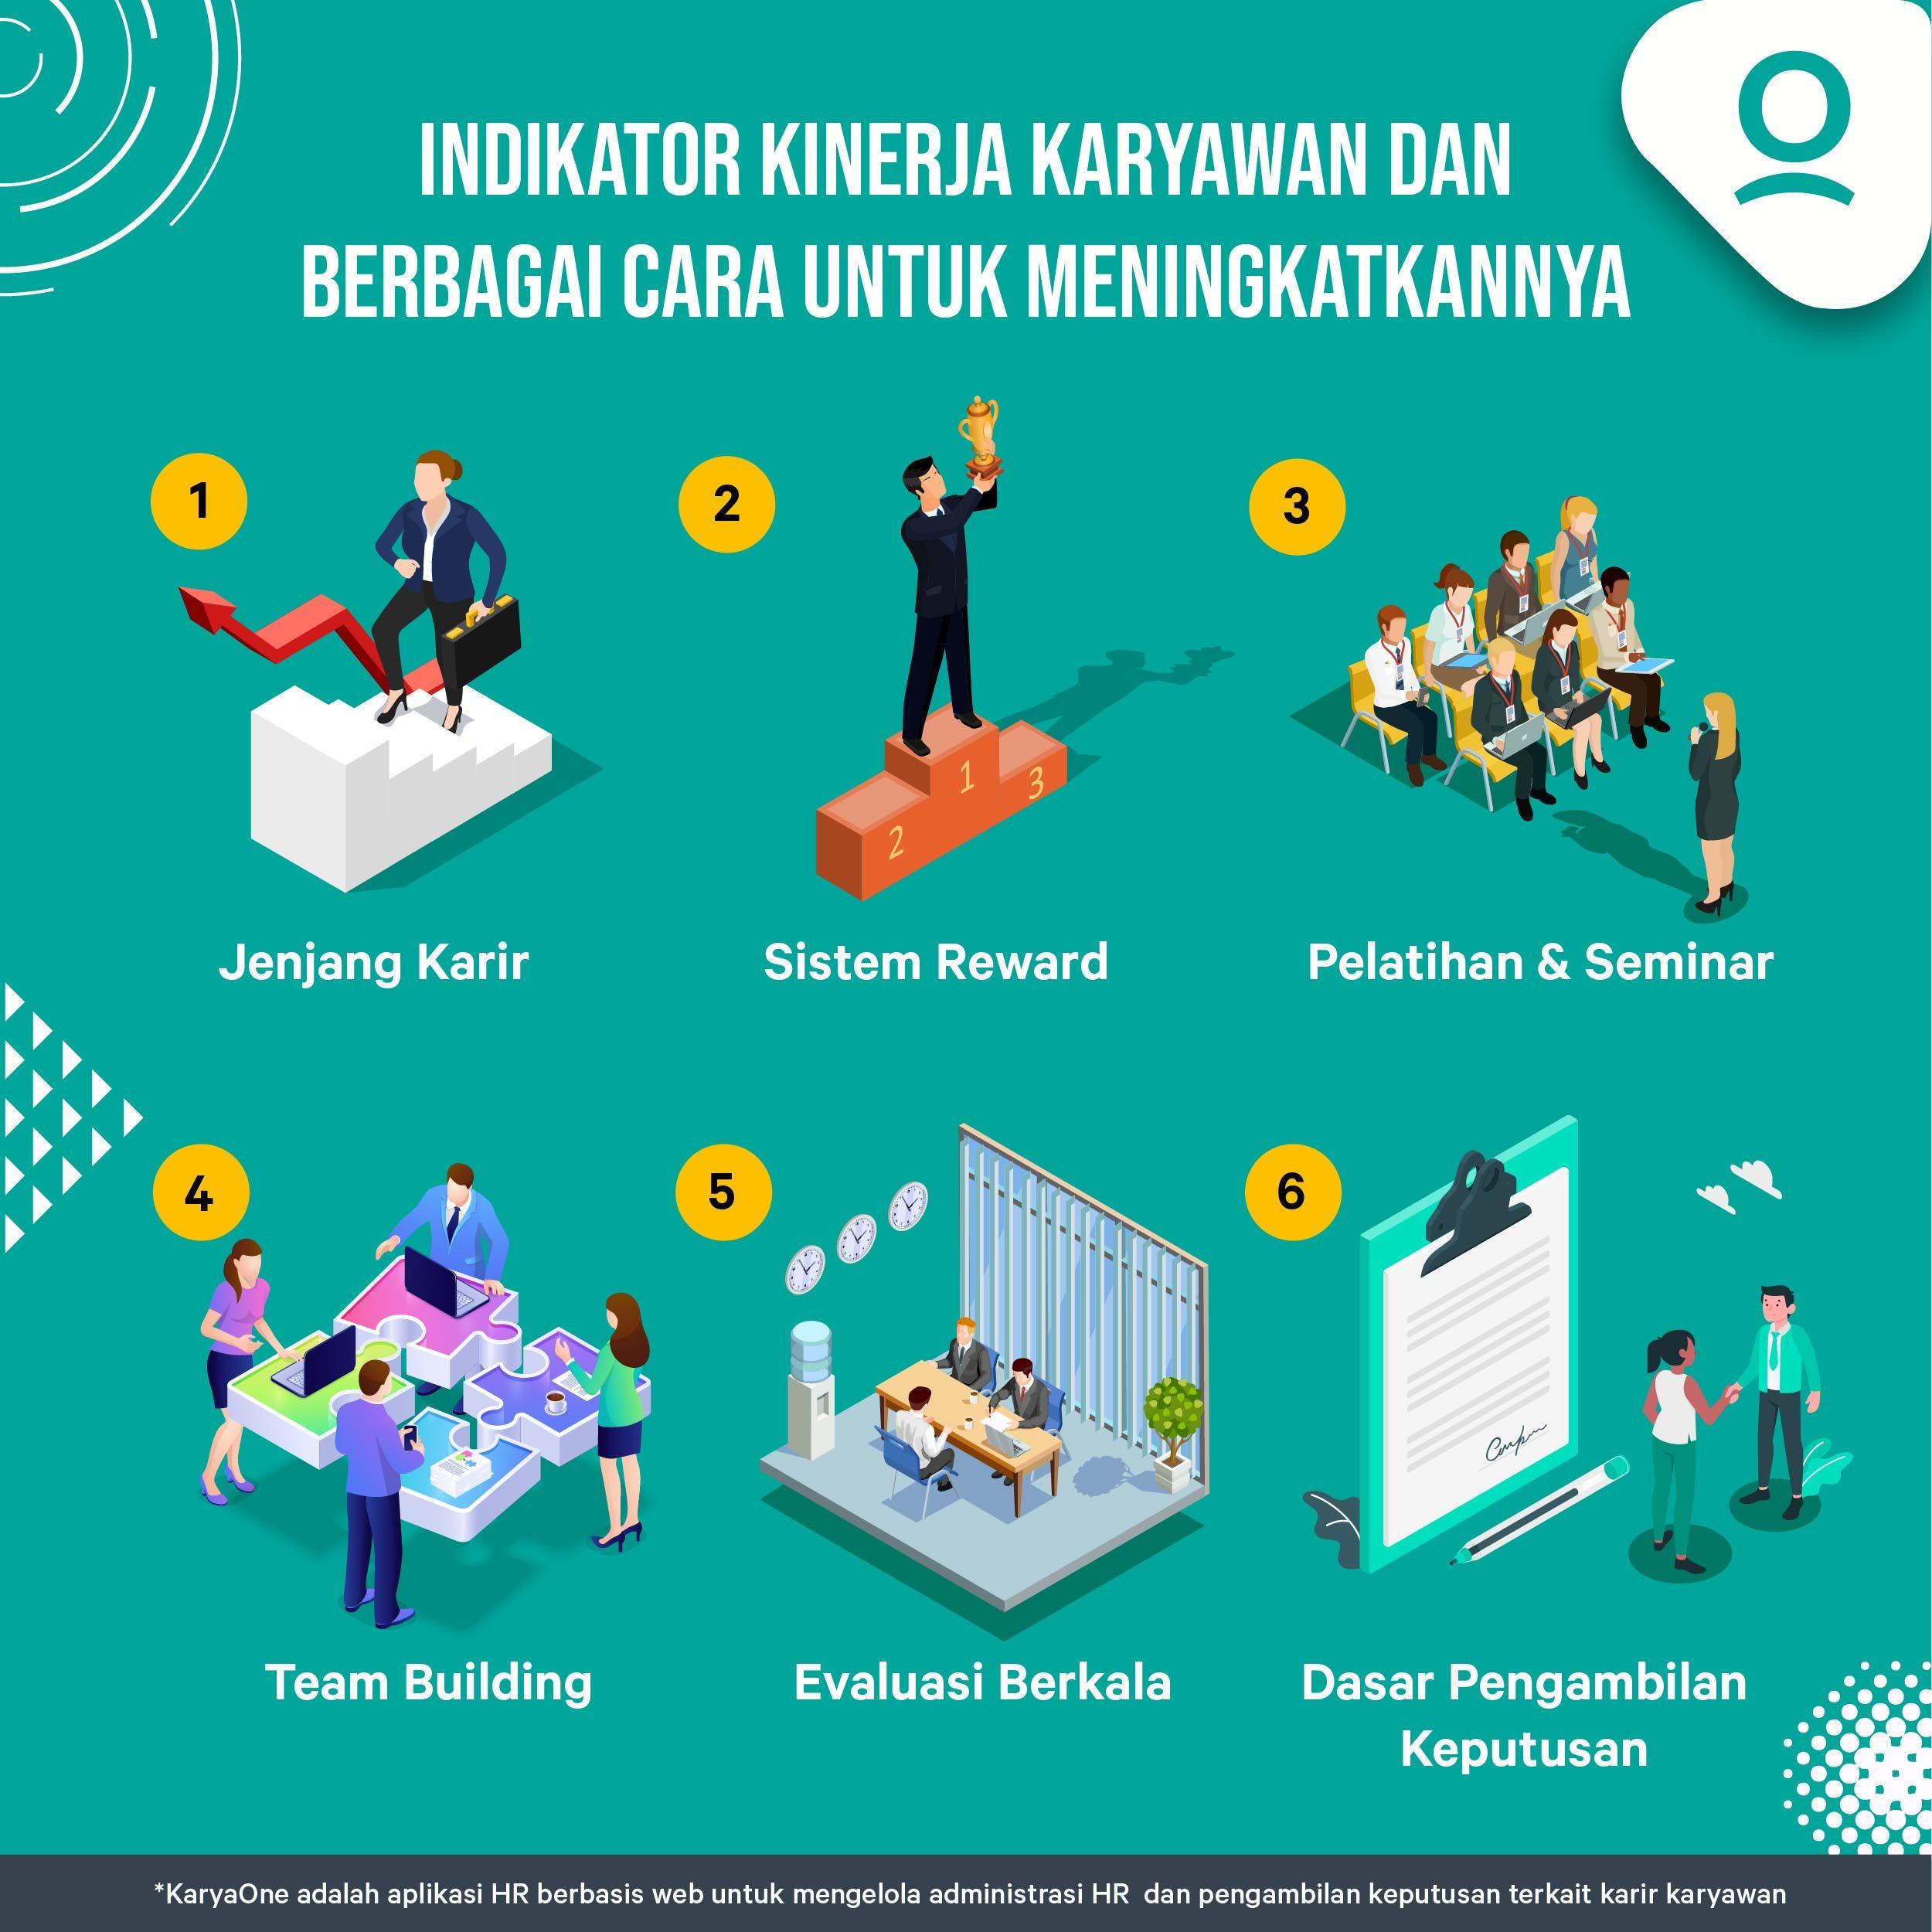 Perusahaan Yang Baik Tentu Merupakan Perusahaan Yang Mampu Memberikan Ruang Bagi Para Karyawannya Untuk Memberikan Kemampuan Terbai Startup Aplikasi Infografis